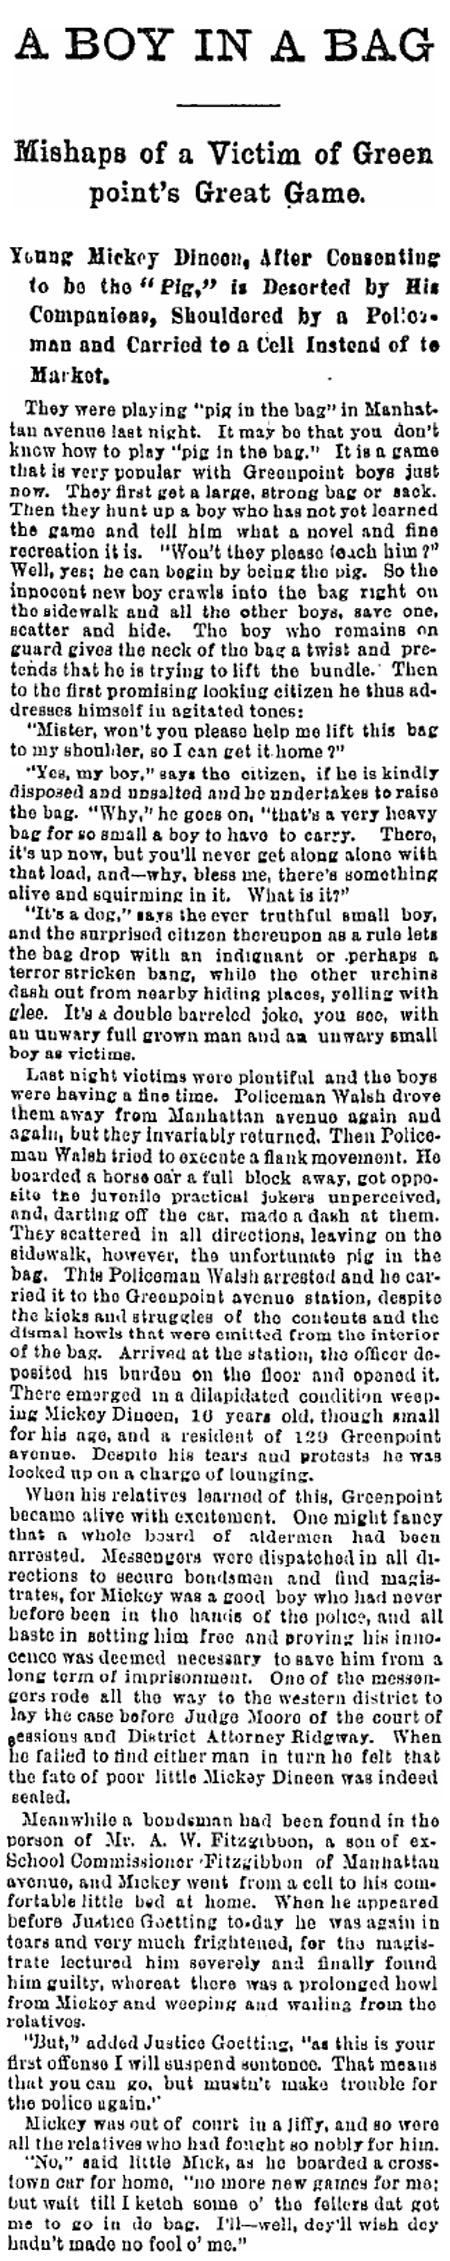 Brooklyn Daily Eagle 8/29/1891